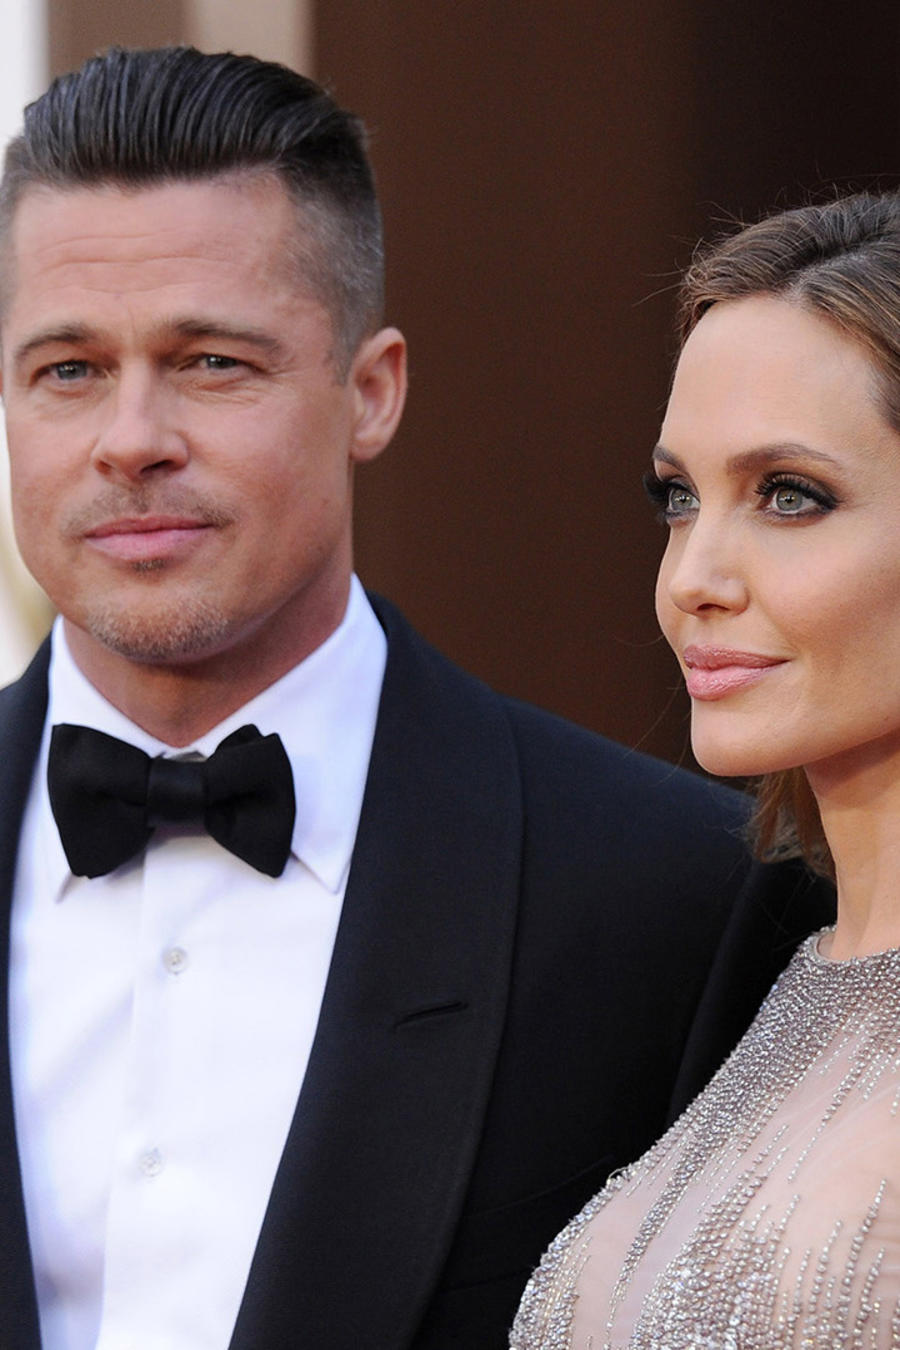 Las celebridades y el internet reaccionan al divorcio de Brangelina